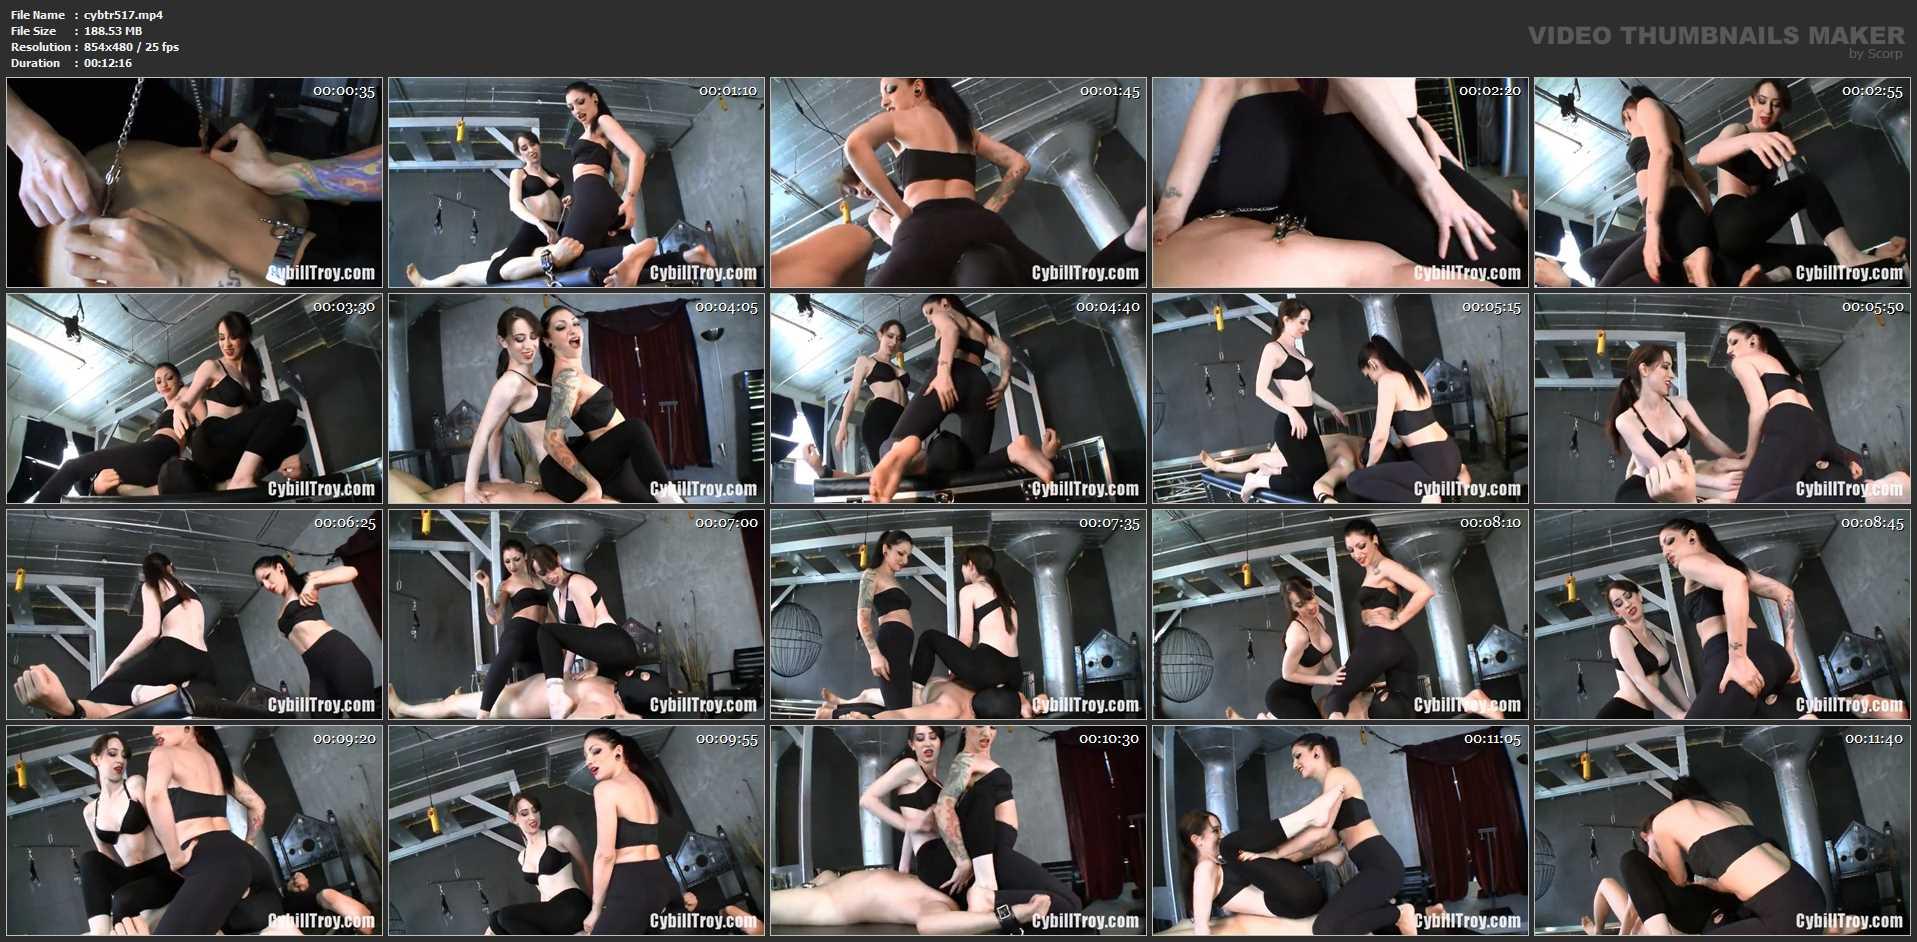 Mina Thorne, Cybill Troy In Scene: Spande Ass Overload - CYBILL TROY`S DTLA DOMINAS / CYBILLTROY - SD/480p/MP4